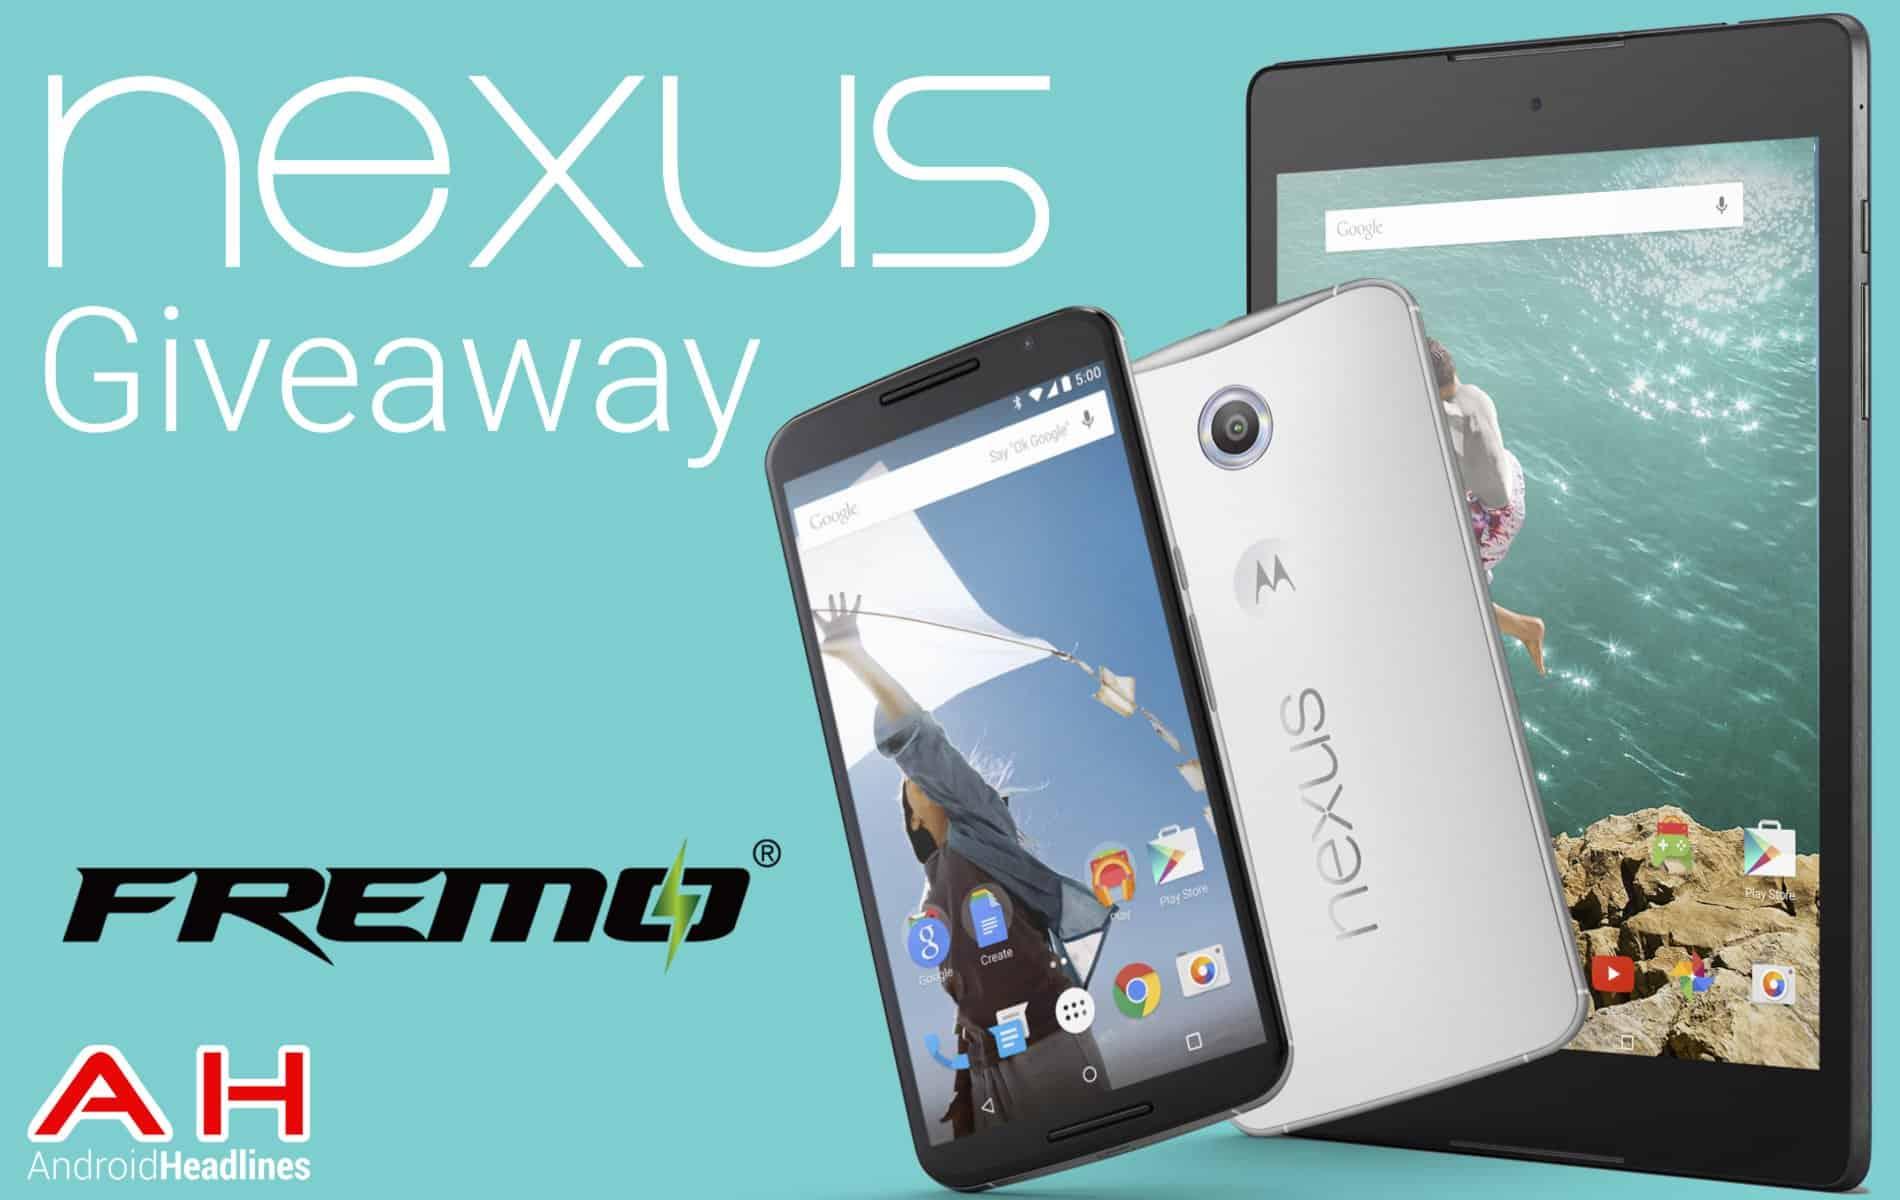 Fremo AH Nexus 6 and Nexus 9 Contest